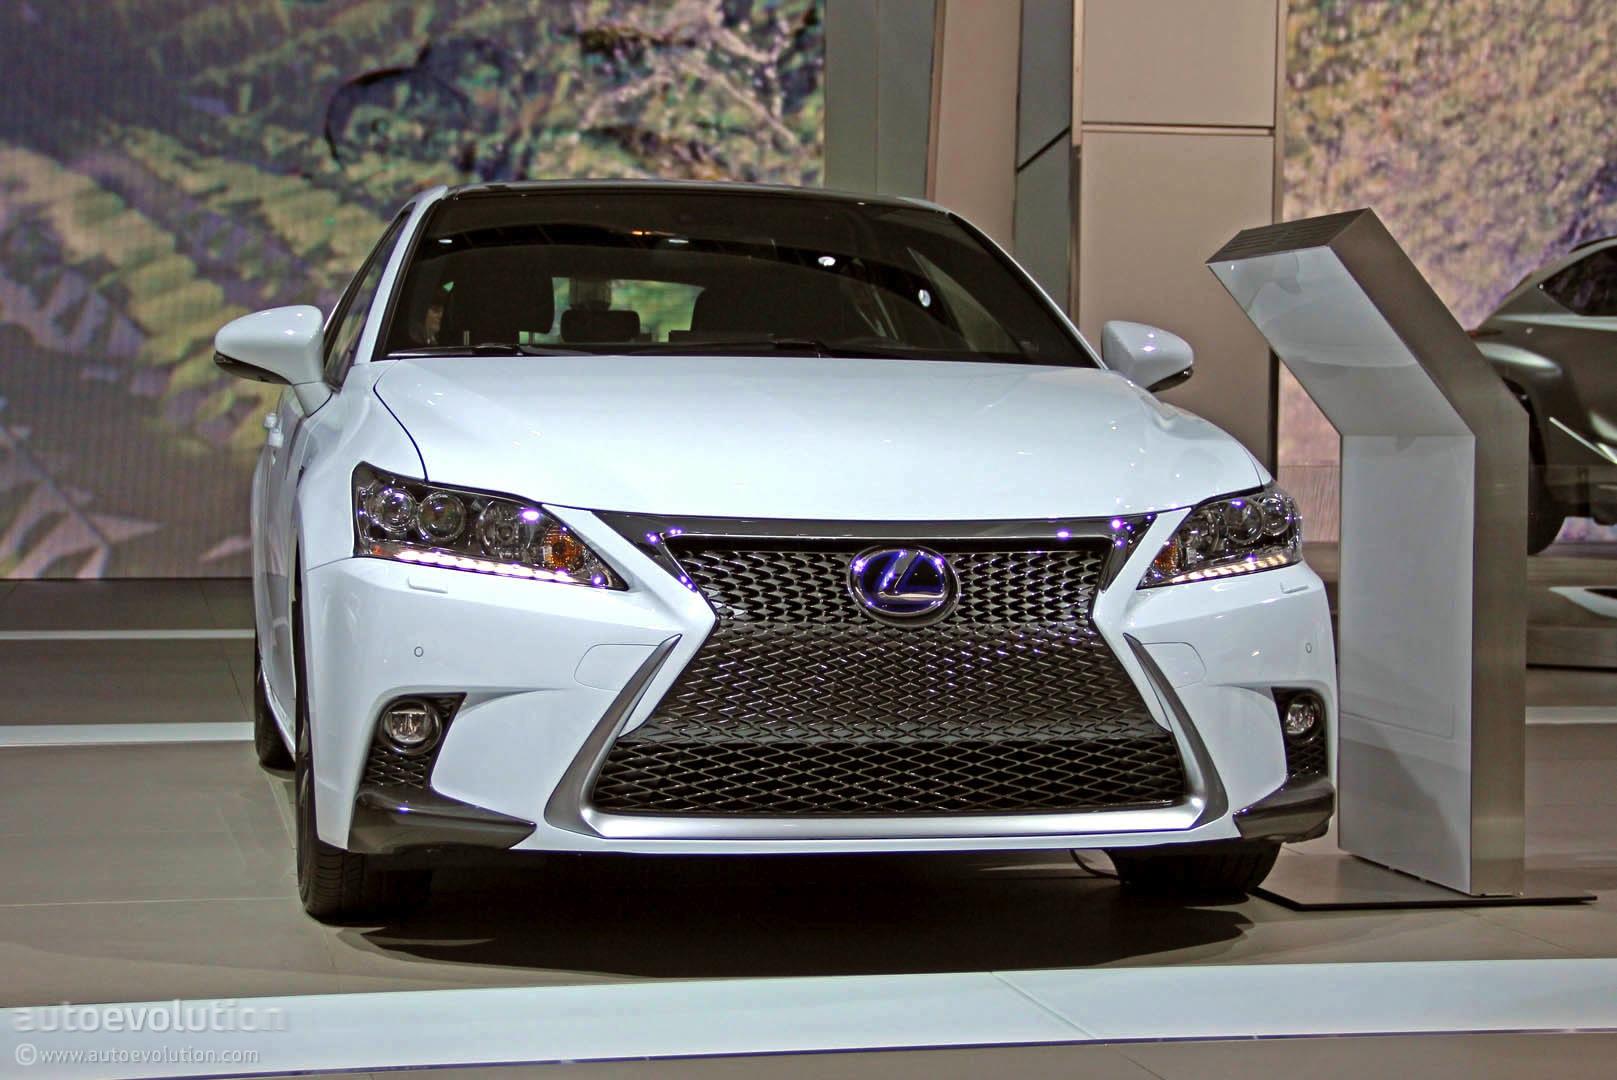 2014 Lexus CT 200h At 2014 Detroit Auto Show ...